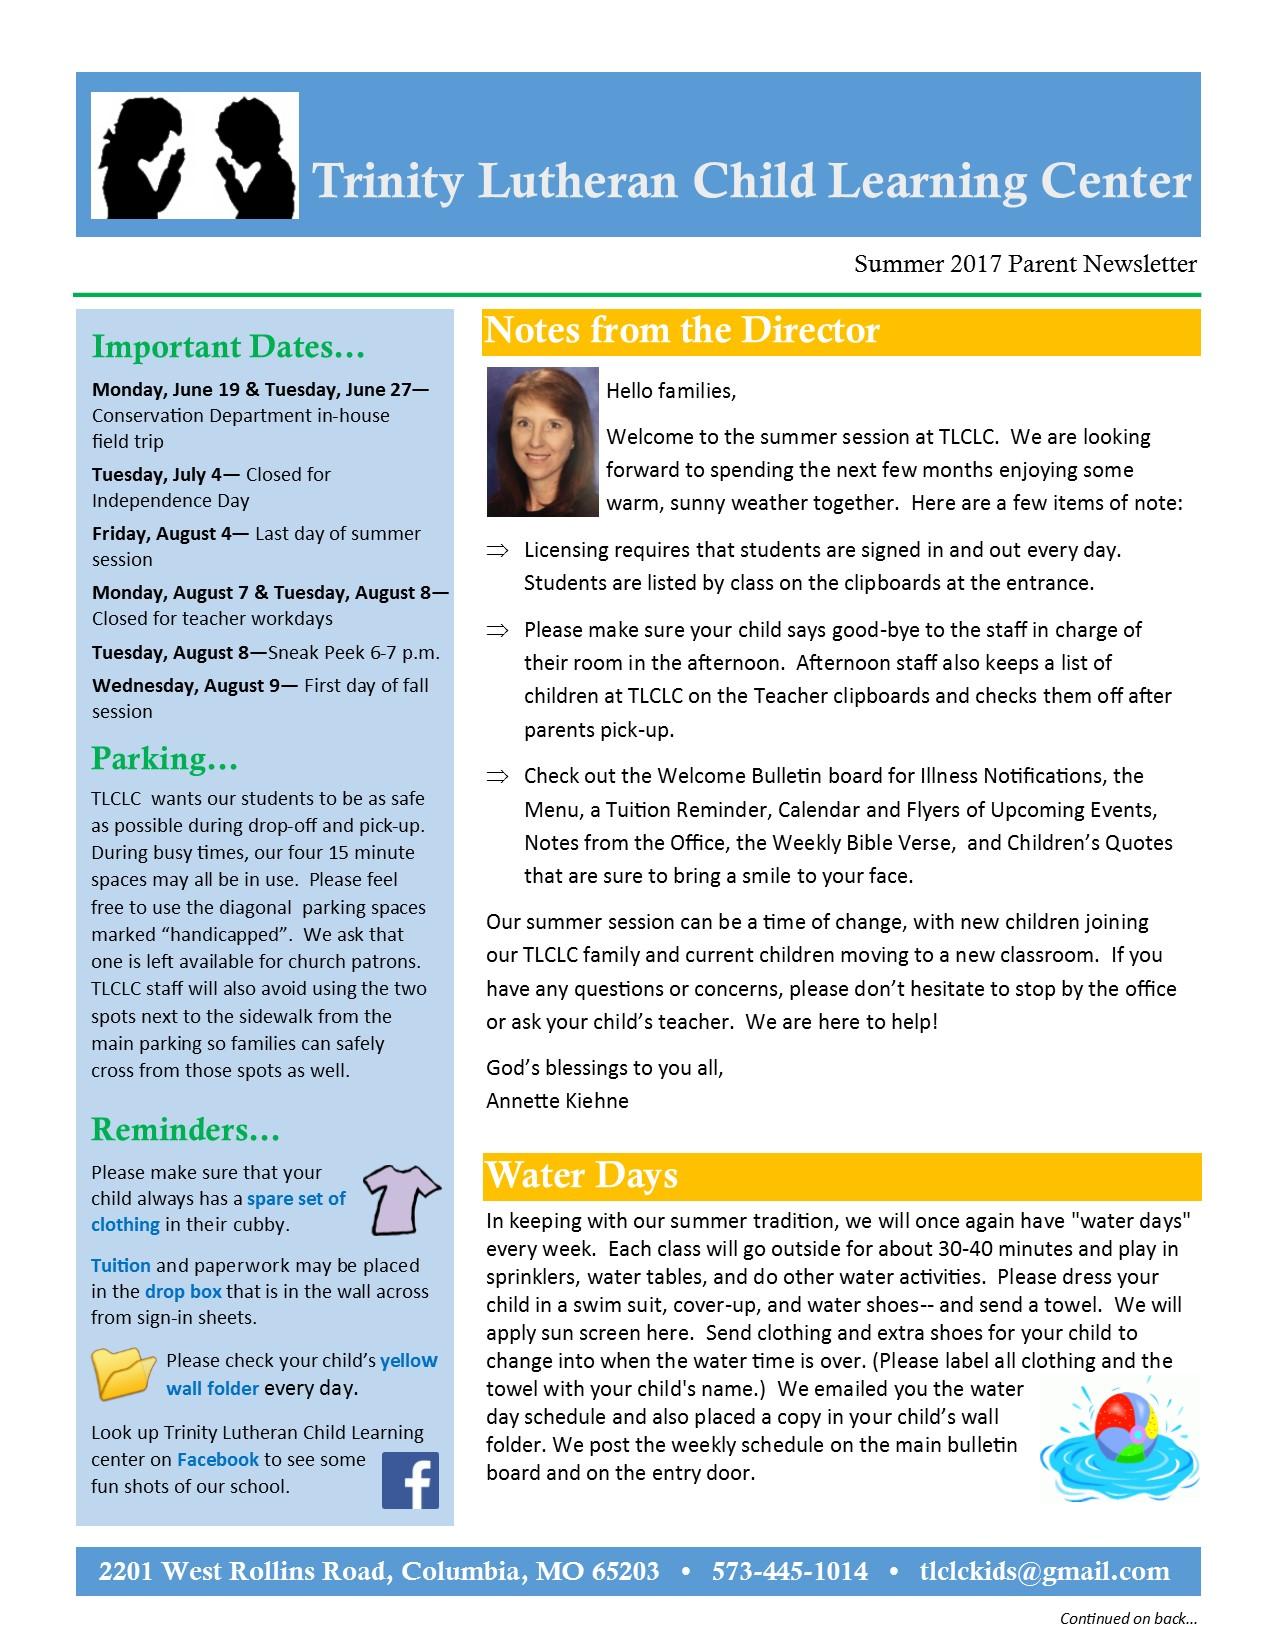 Summer 2017 Newsletter Pg1